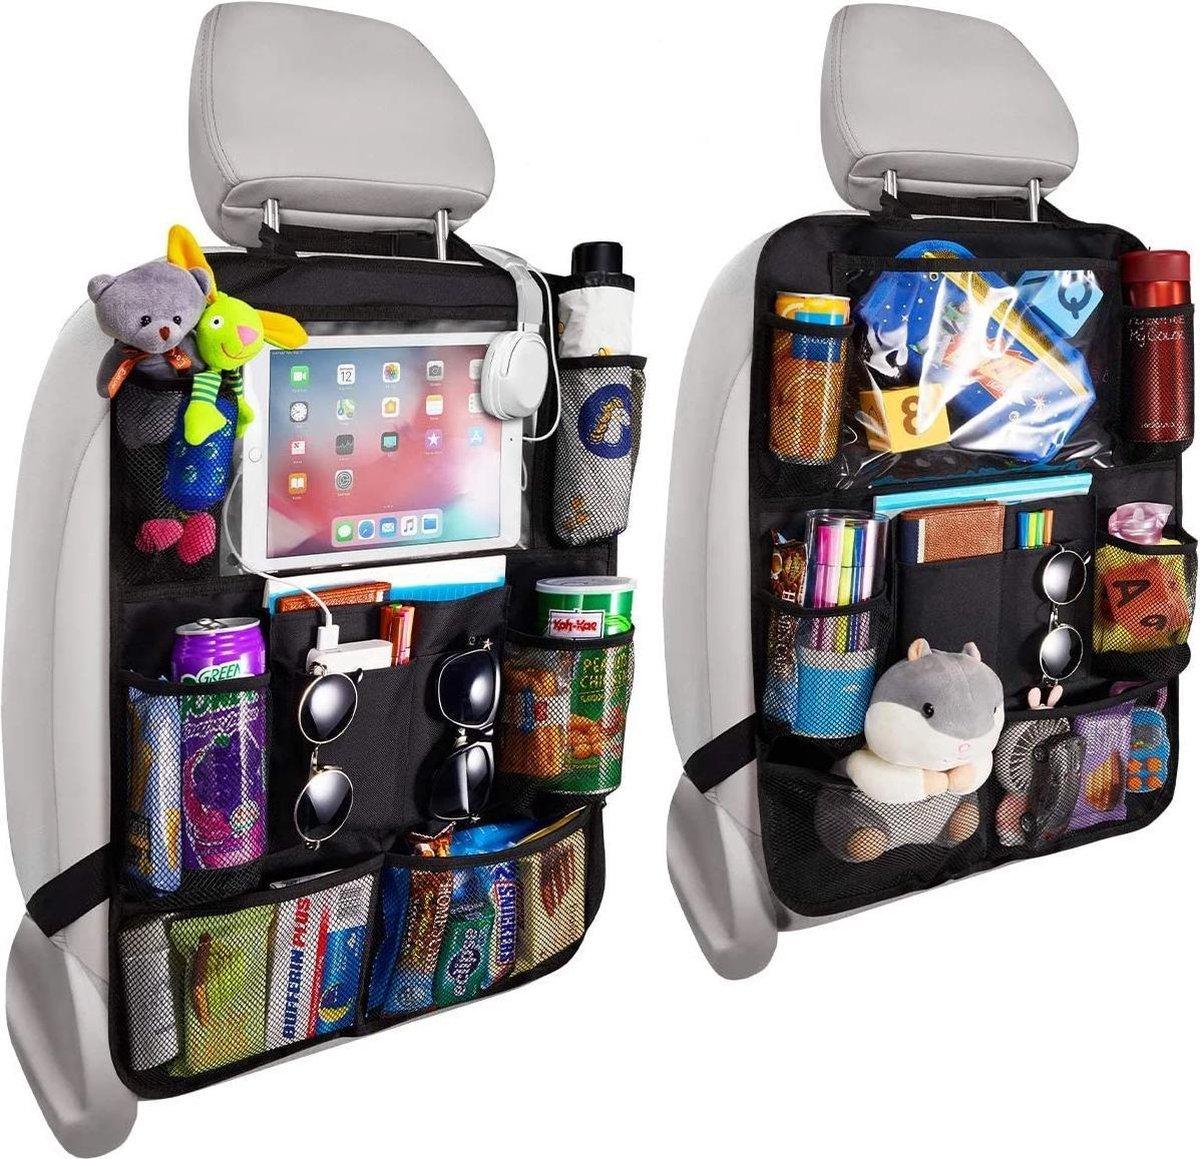 Venneweide, Autostoel organizer de luxe, Auto organizer voor baby en kids, met tablethouder voor o.a